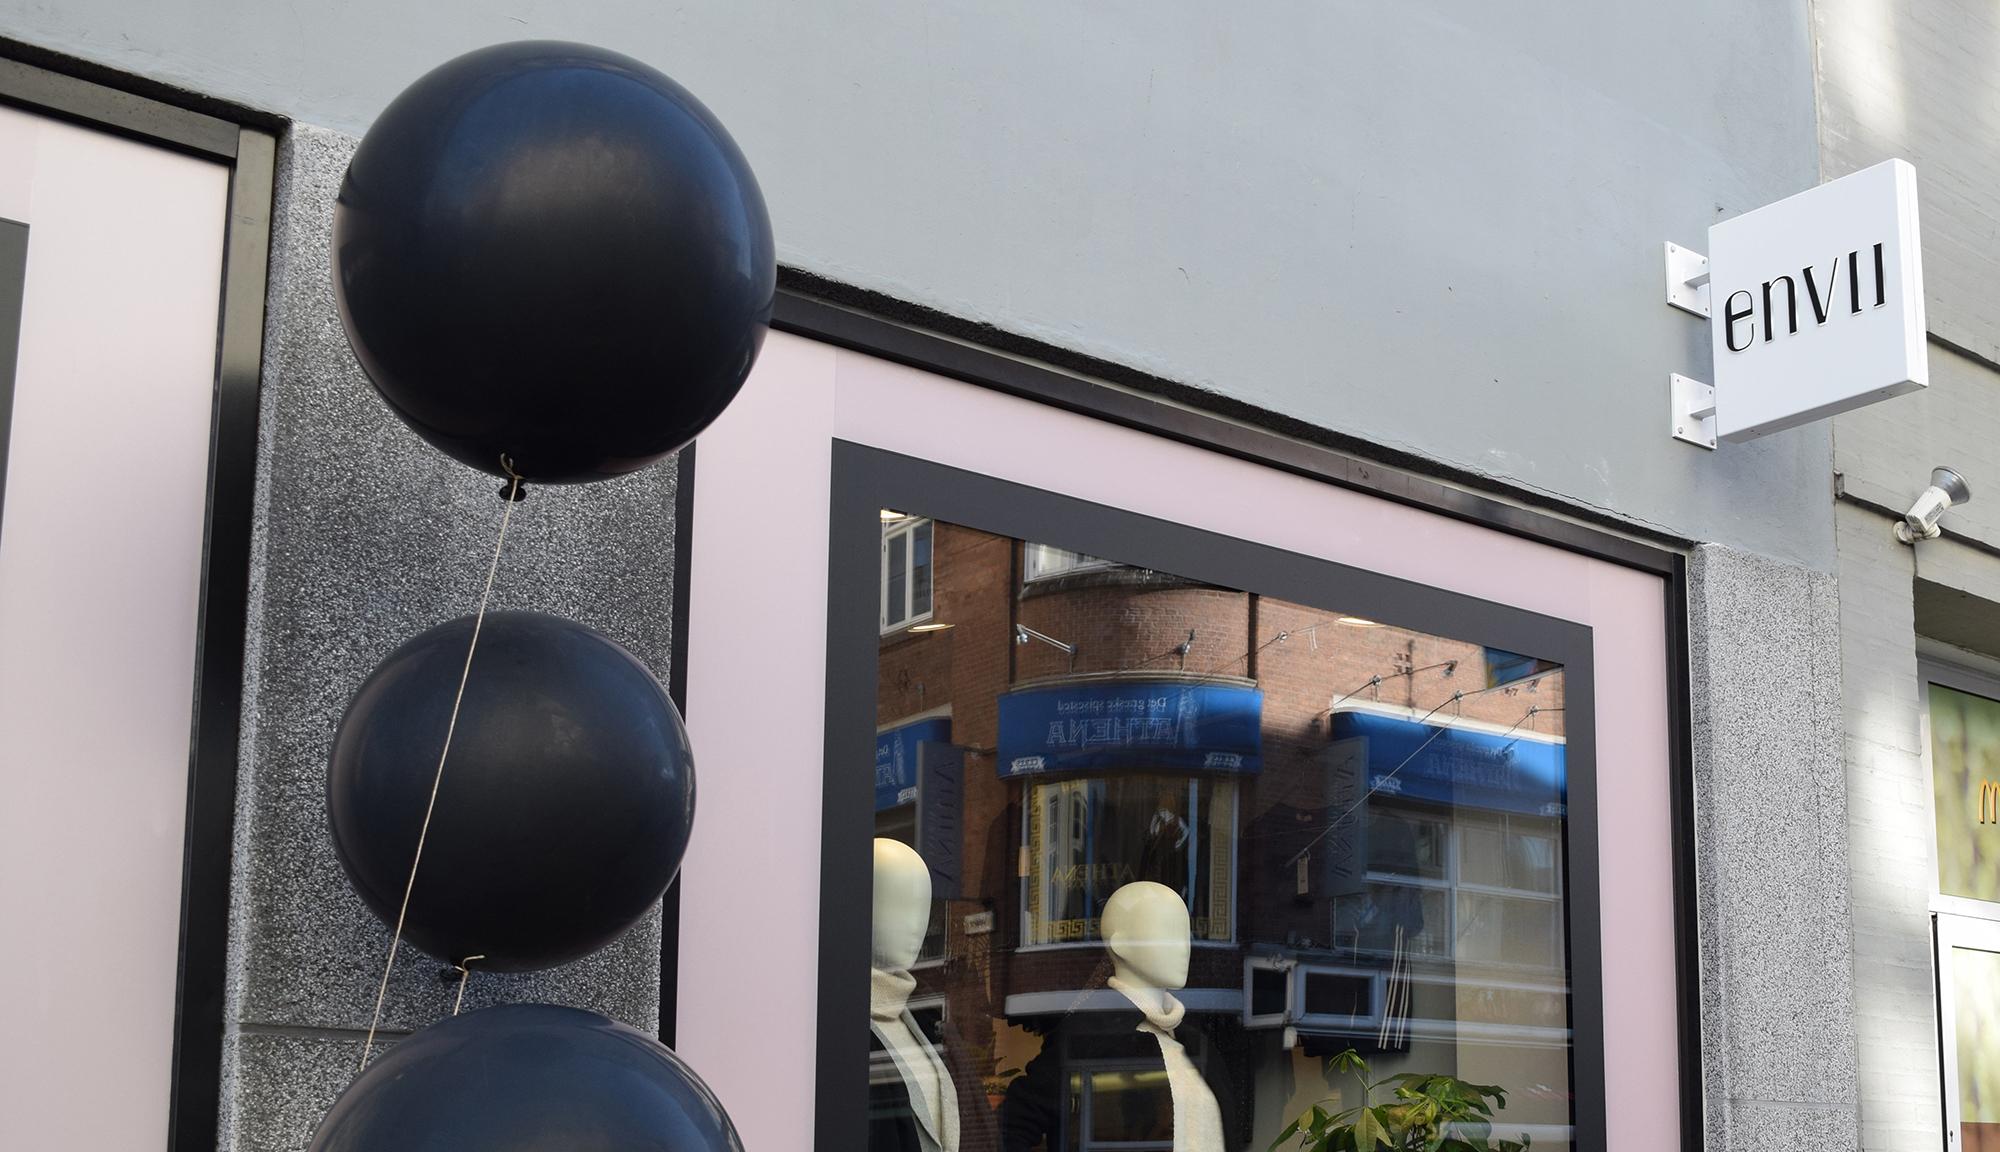 Kom med til pre opening event i ny Envii butik i Aarhus